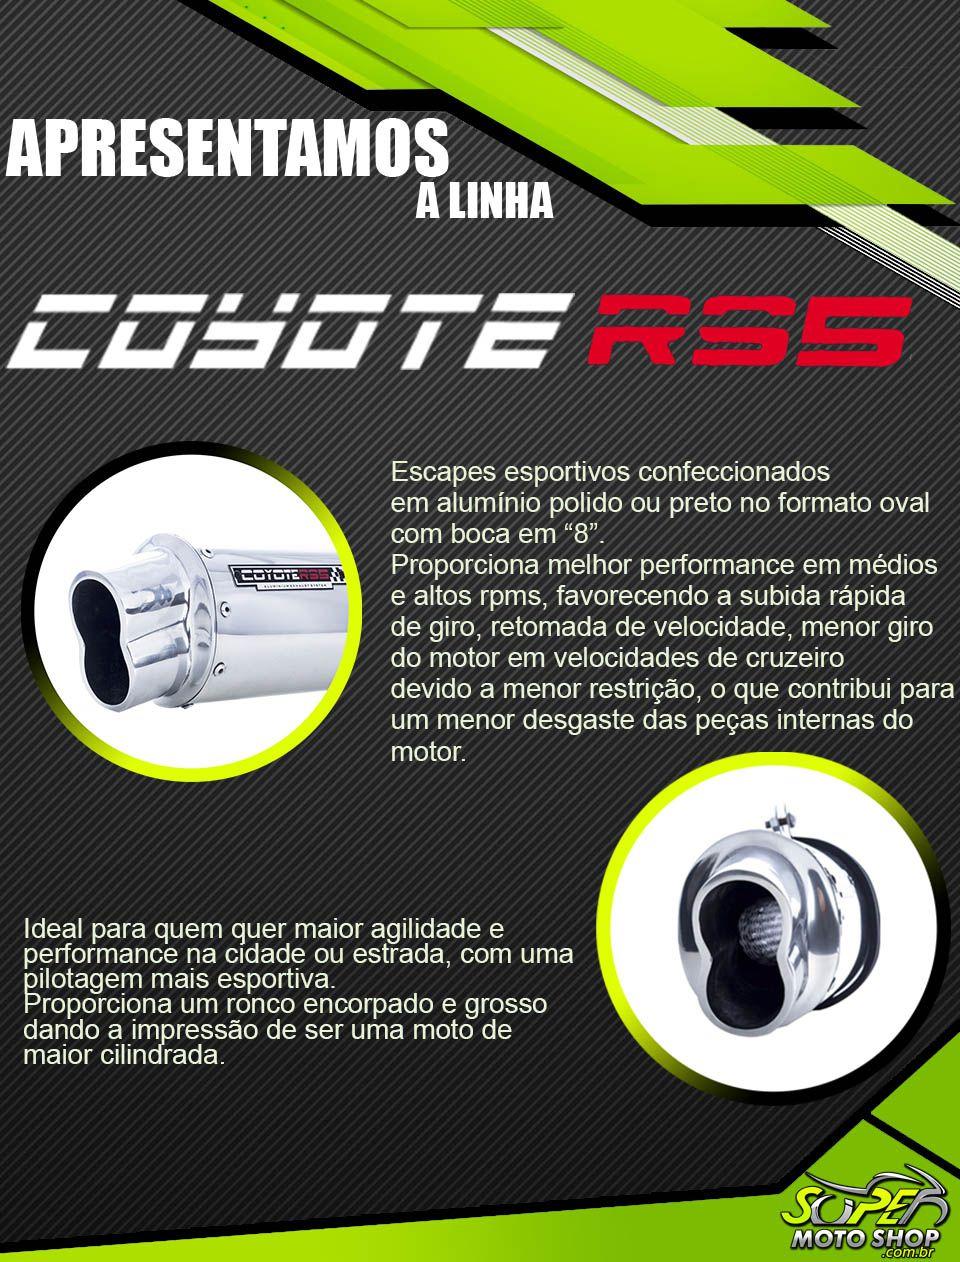 Escape / Ponteira Coyote RS5 Boca 8 Aluminio Oval 4X1 - GSX-R Hayabusa 1300 até 2007 - Suzuki